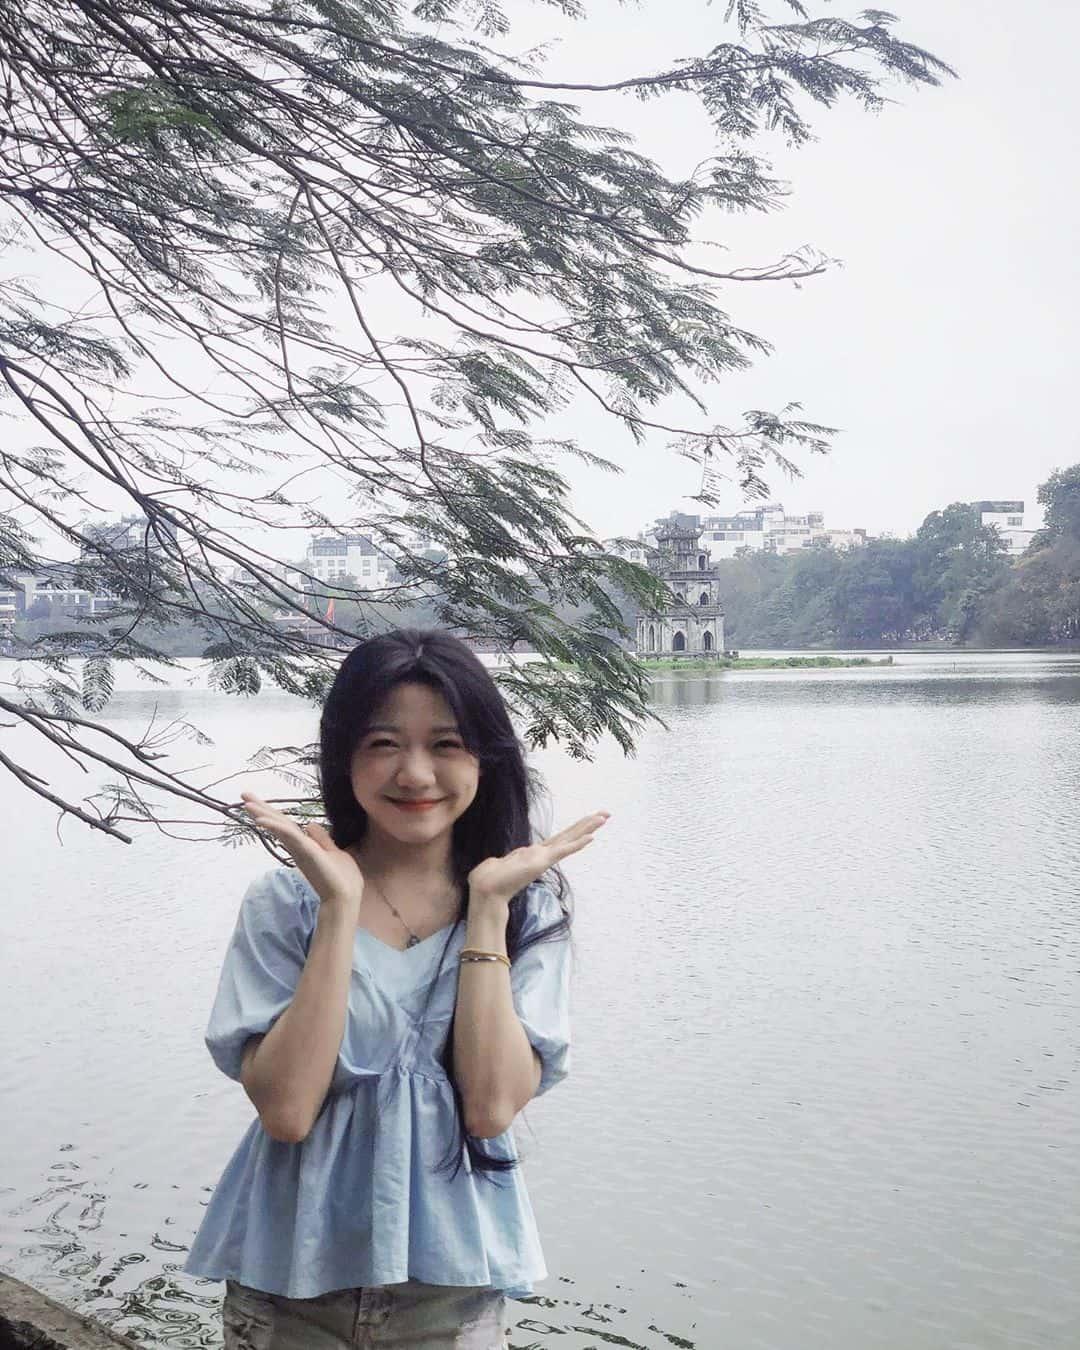 Chụp cùng tháp Rùa - biểu tượng của thủ đô Hà Nội. Ảnh: @thutraafn